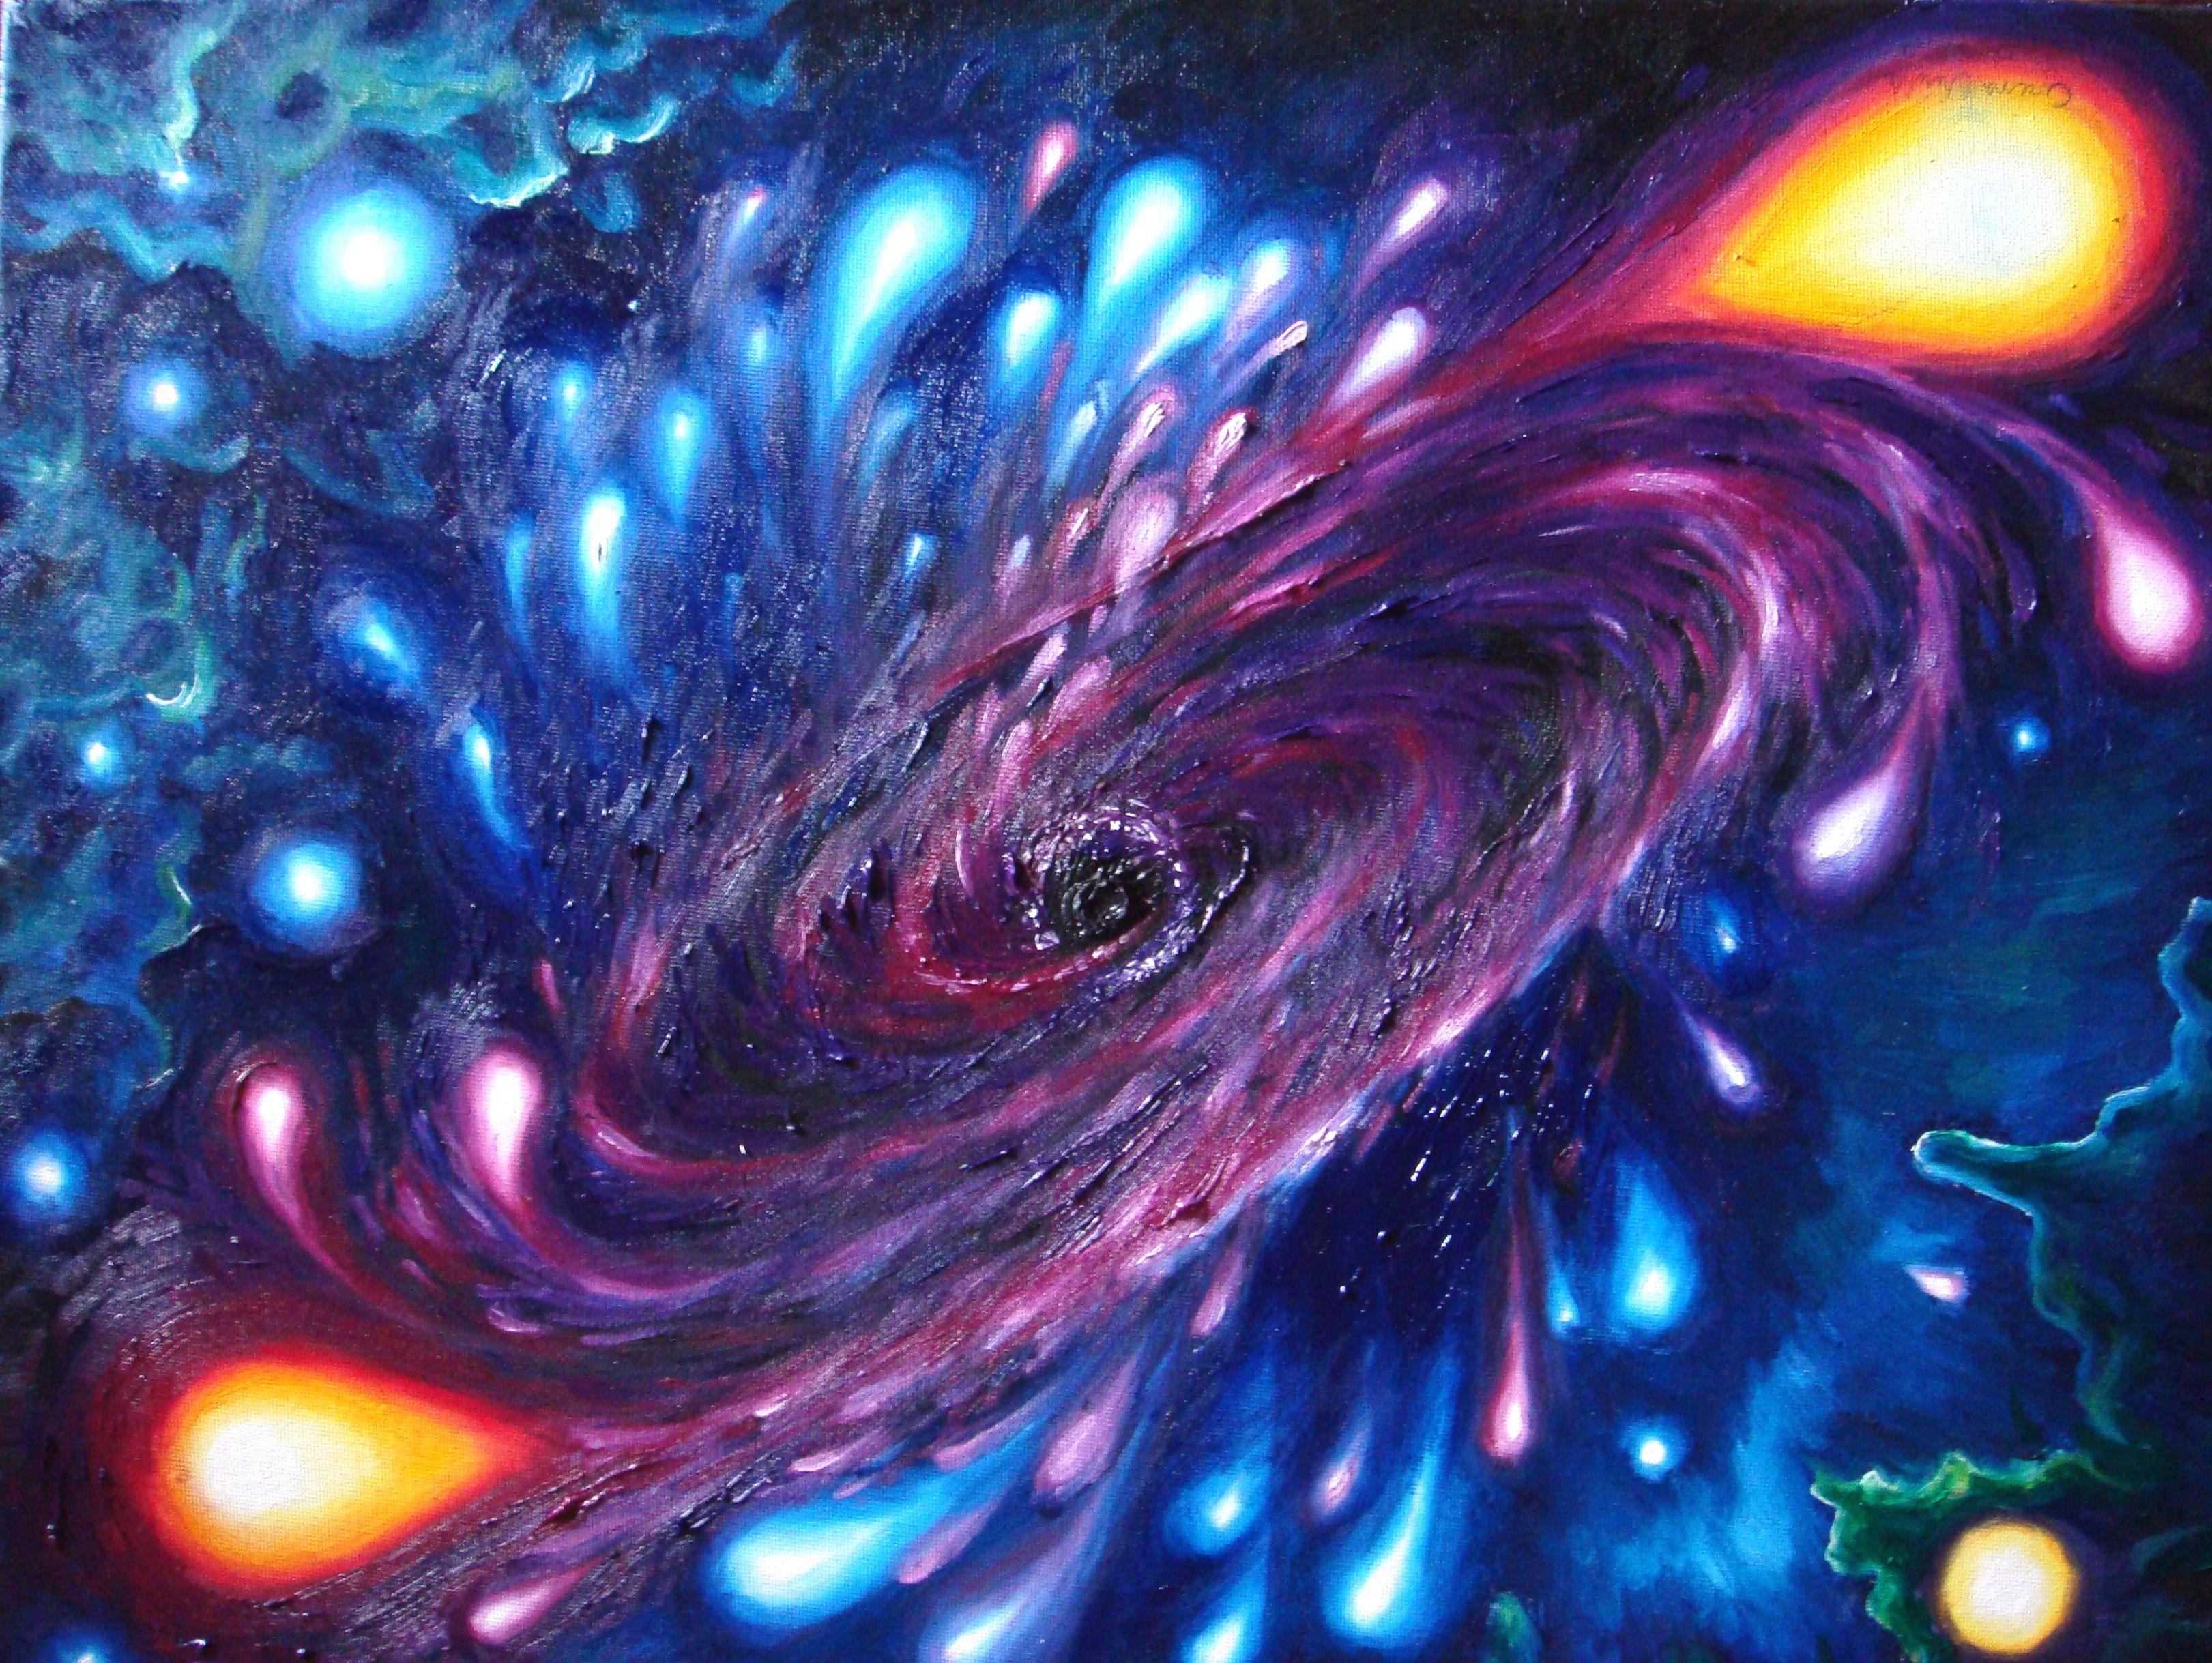 Oil Canvas Art Gaura Neagra Pictura Ulei Pe Panza Black Hole